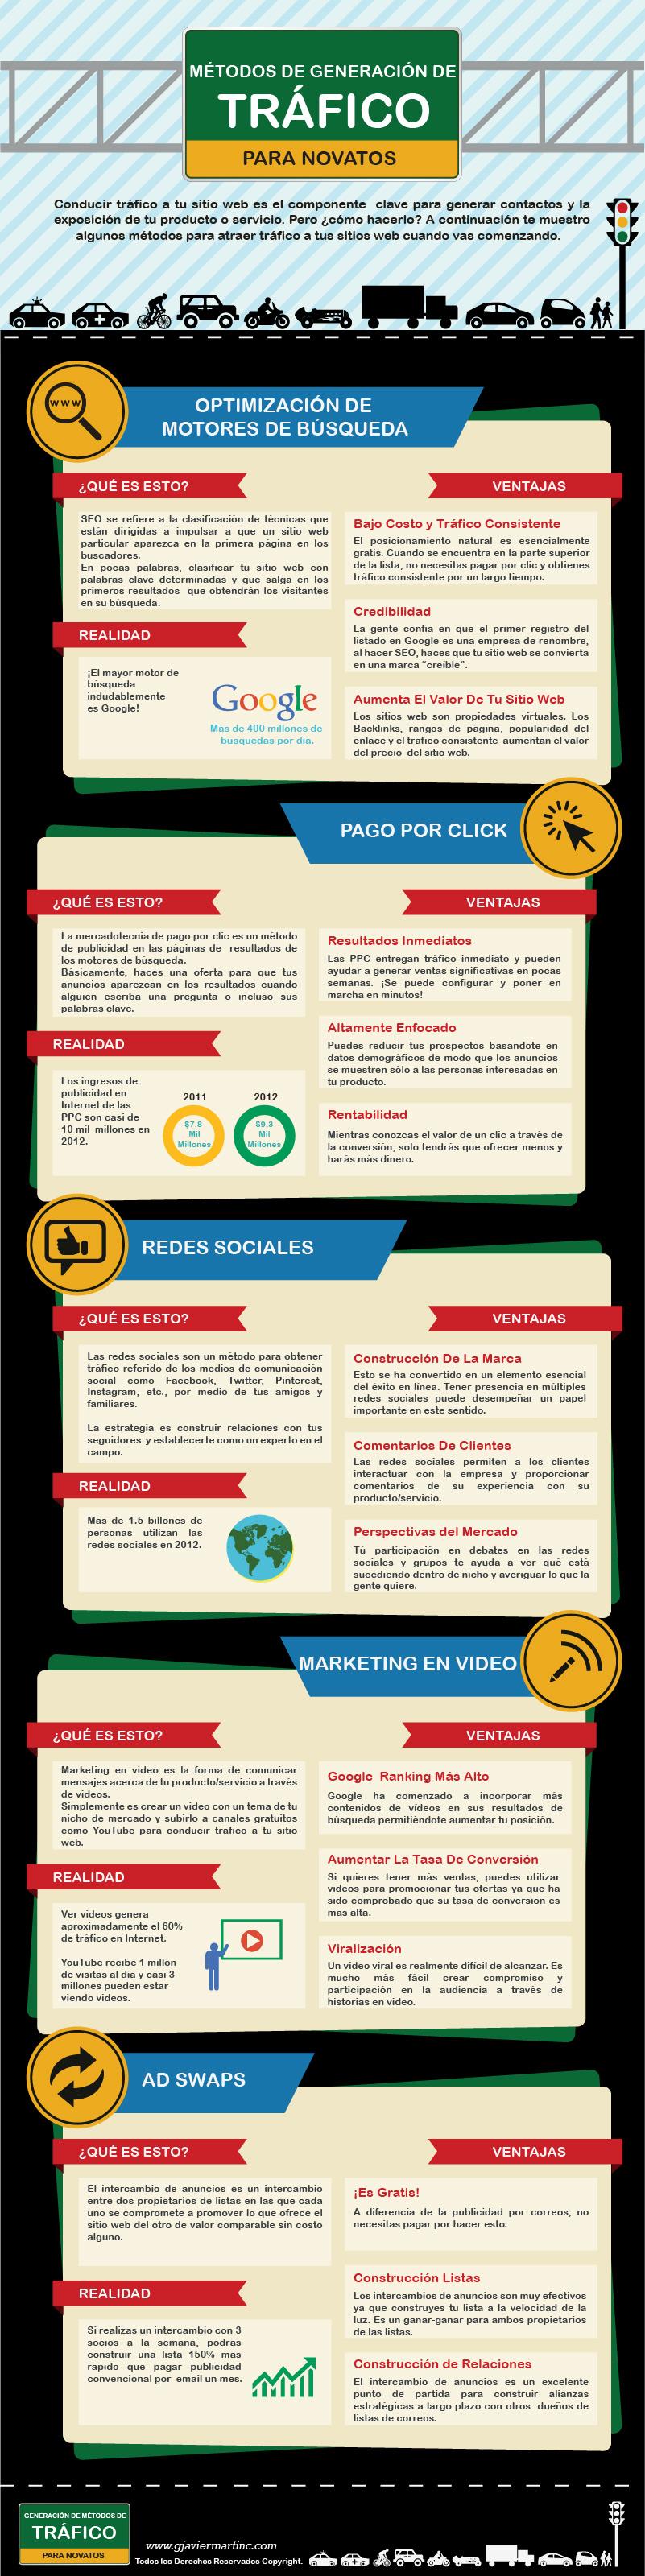 5 Métodos de generación de tráfico para novatos